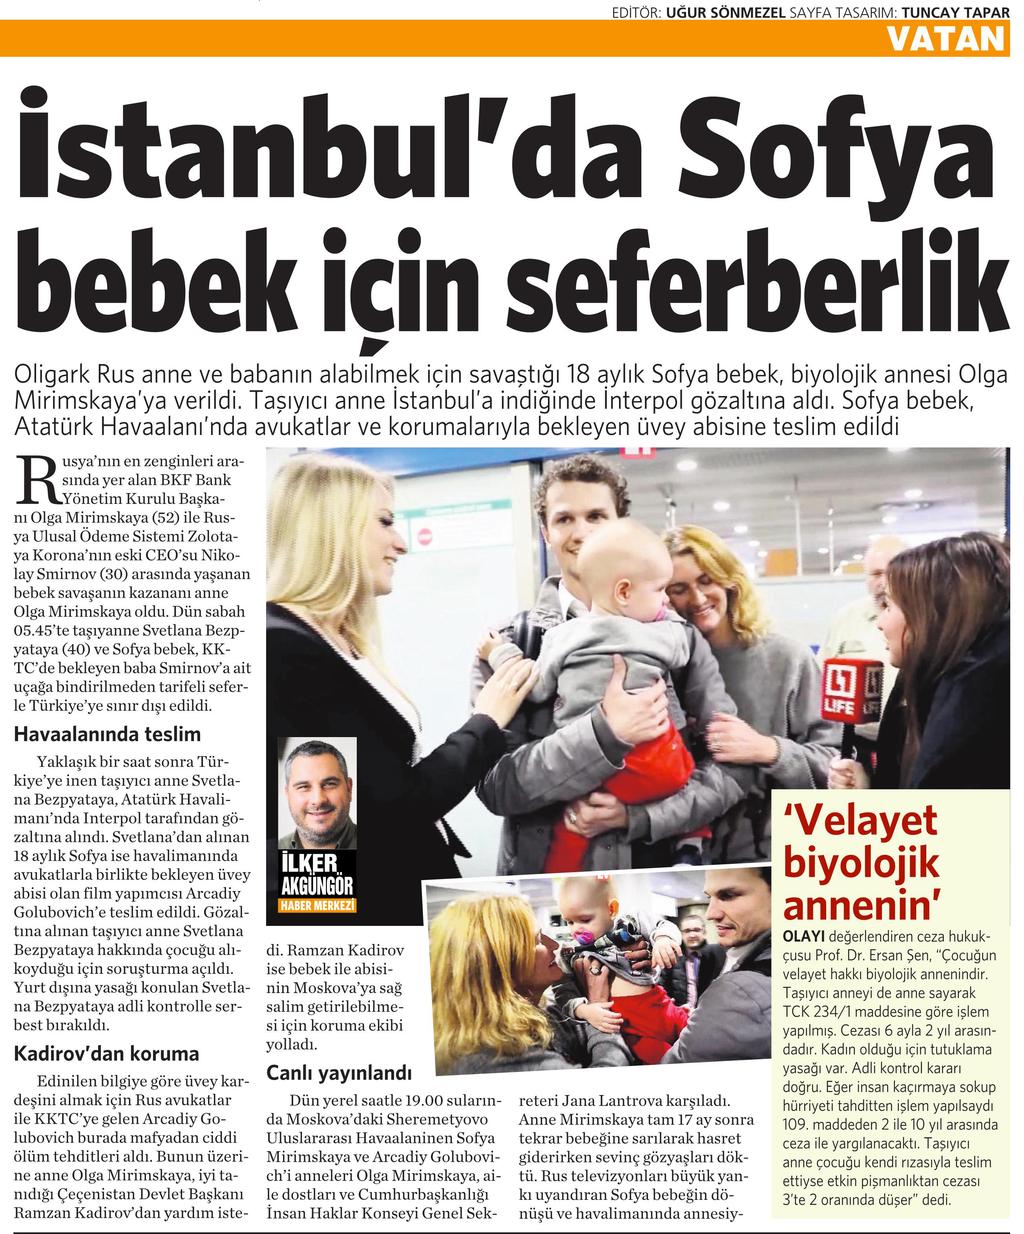 3 Kasım 2016 Vatan Gazetesi 4. sayfa